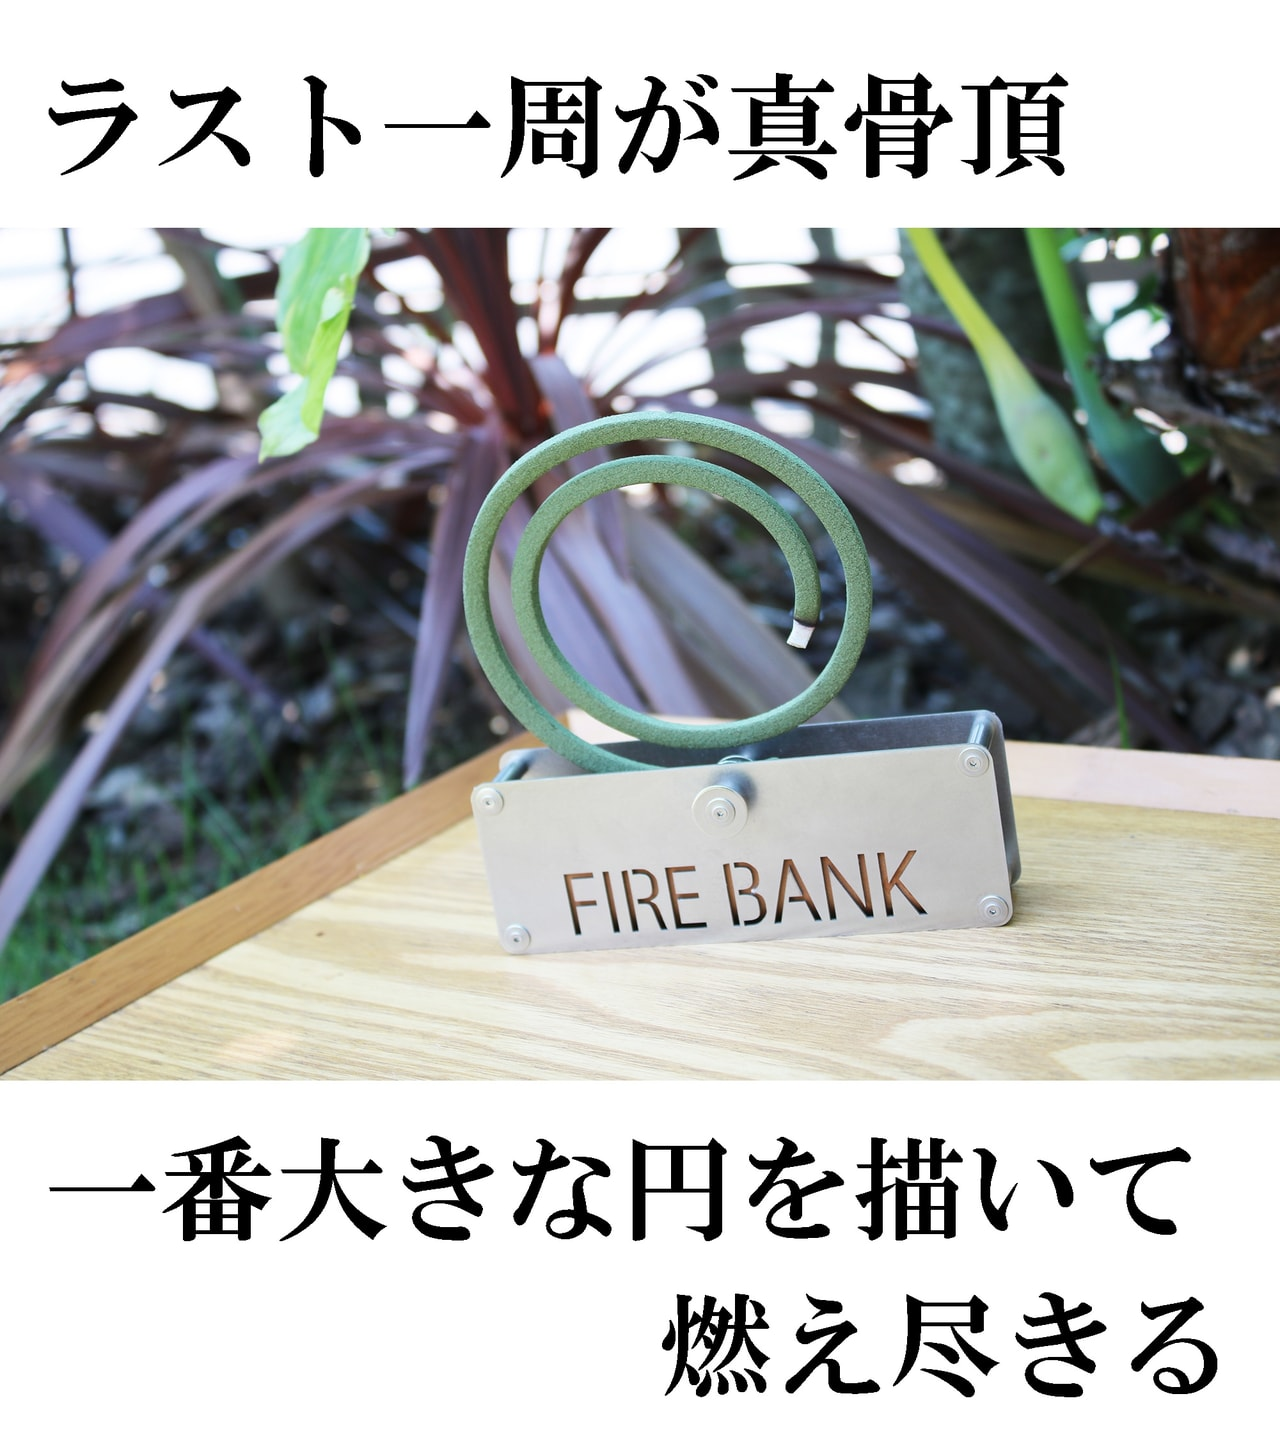 firebank_3